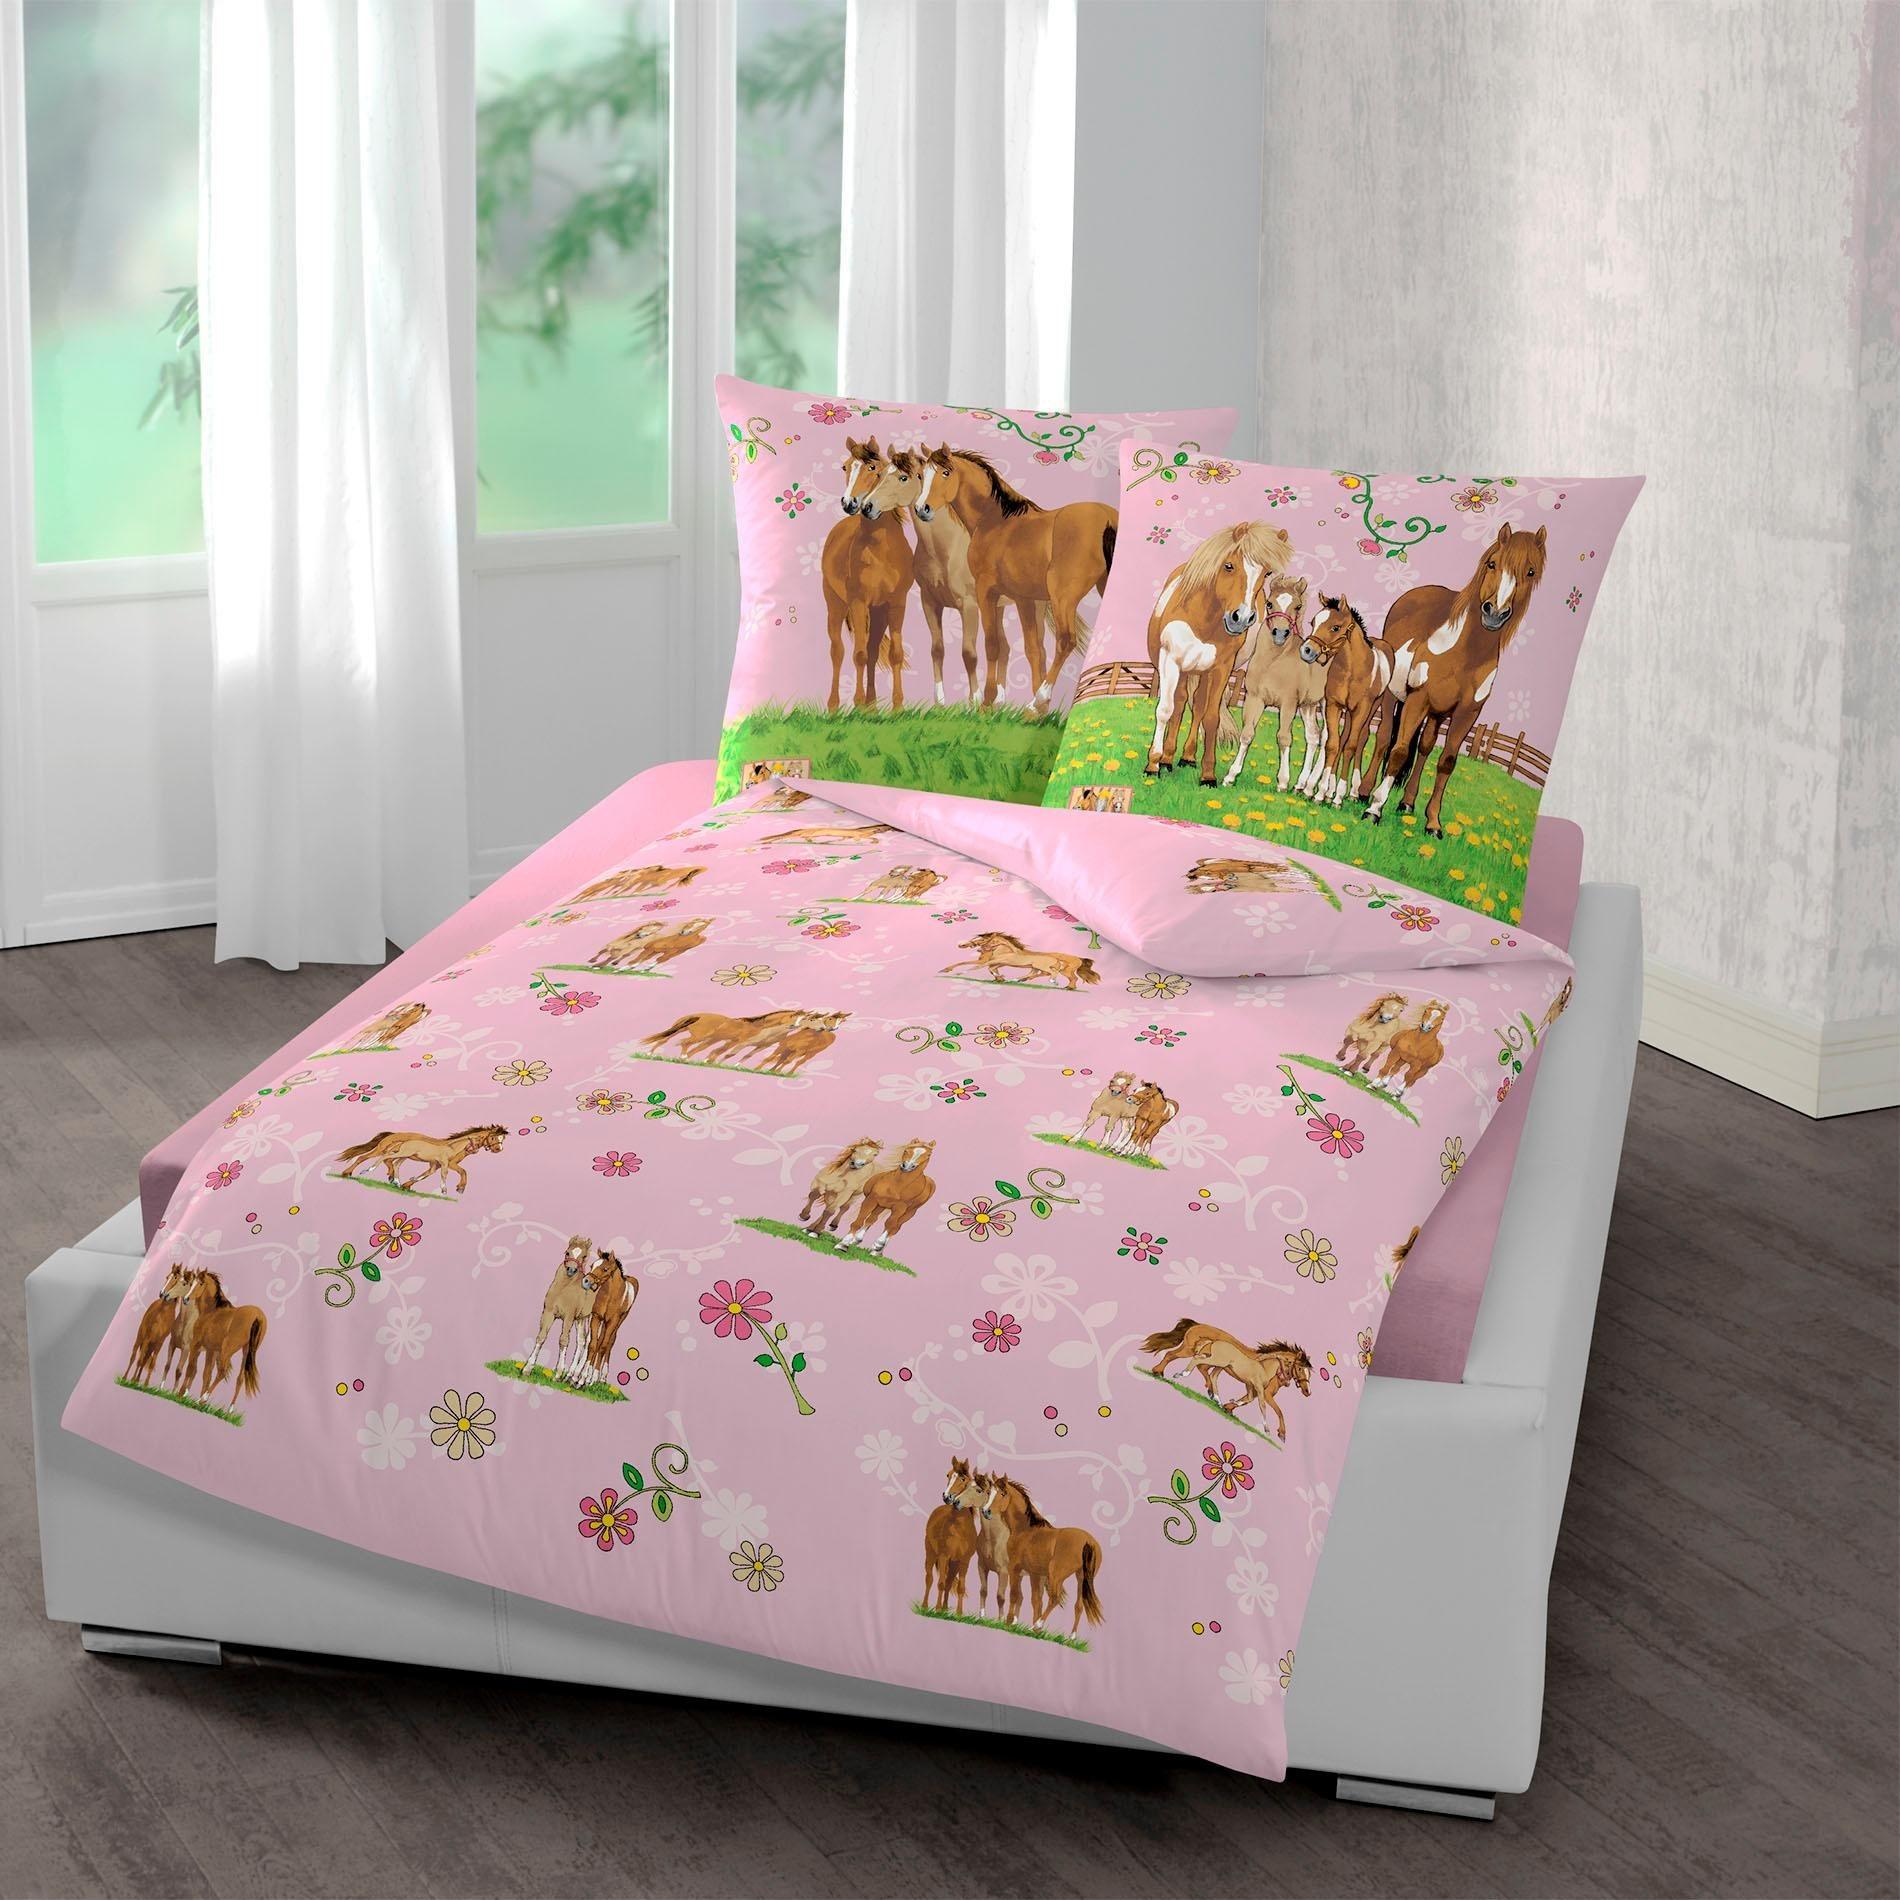 Kinderbettwäsche »Pferde«, , mit Pferden